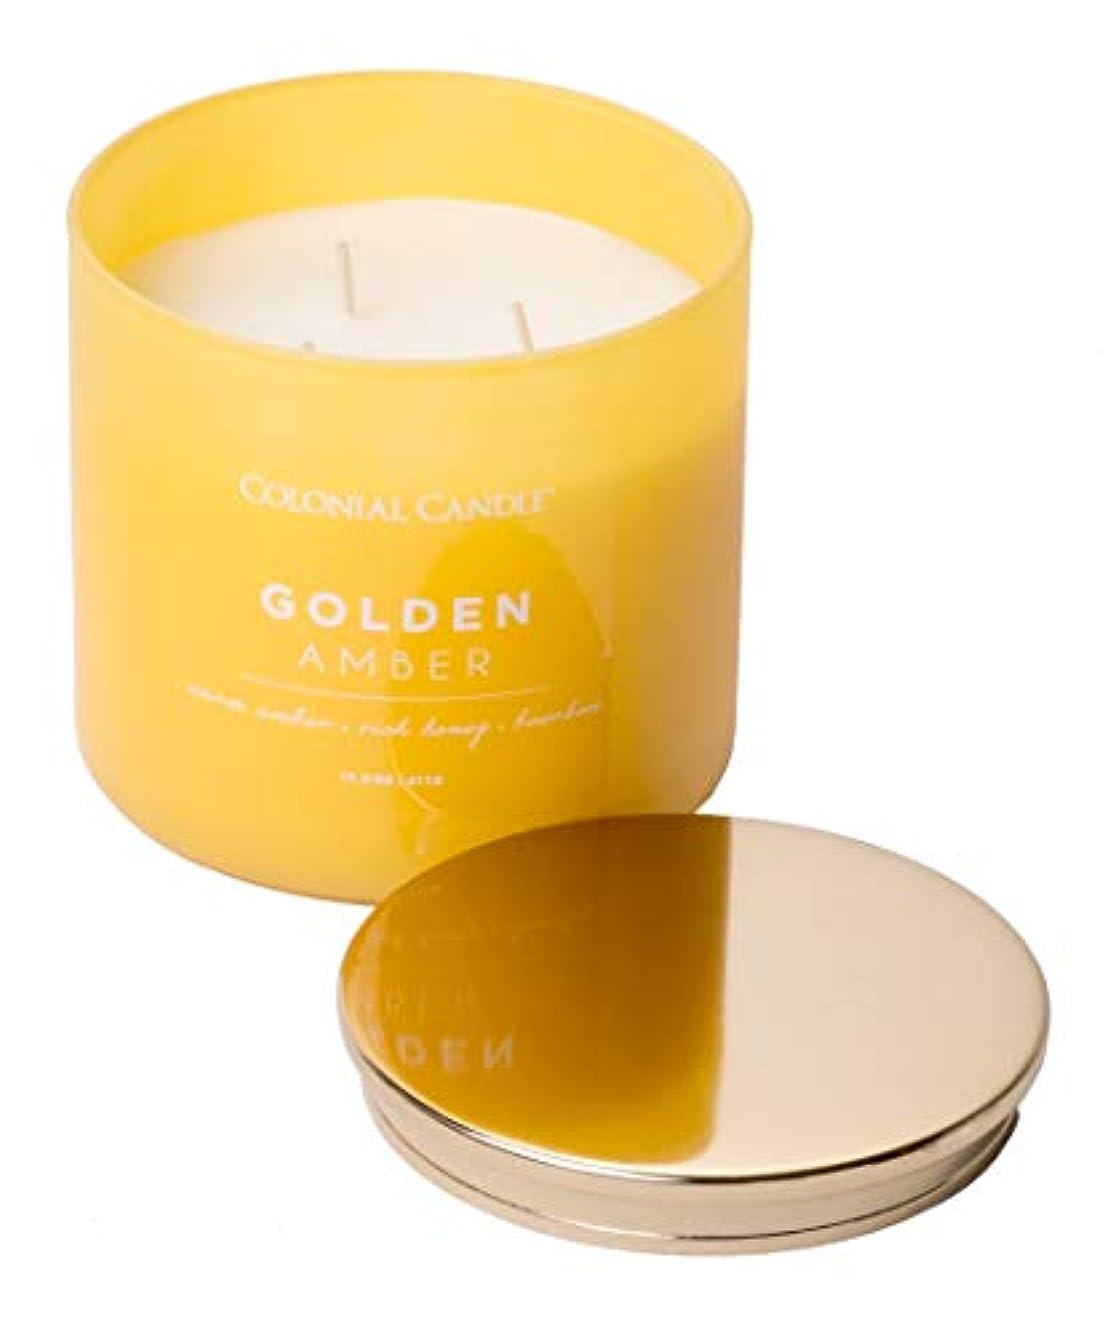 期待して夕食を食べる競争力のあるColonial Candle ゴールデンアンバー ポップオブカラーコレクション 香り高いキャンドル 装飾的な色付きガラス瓶入り ミディアム 14.5オンス